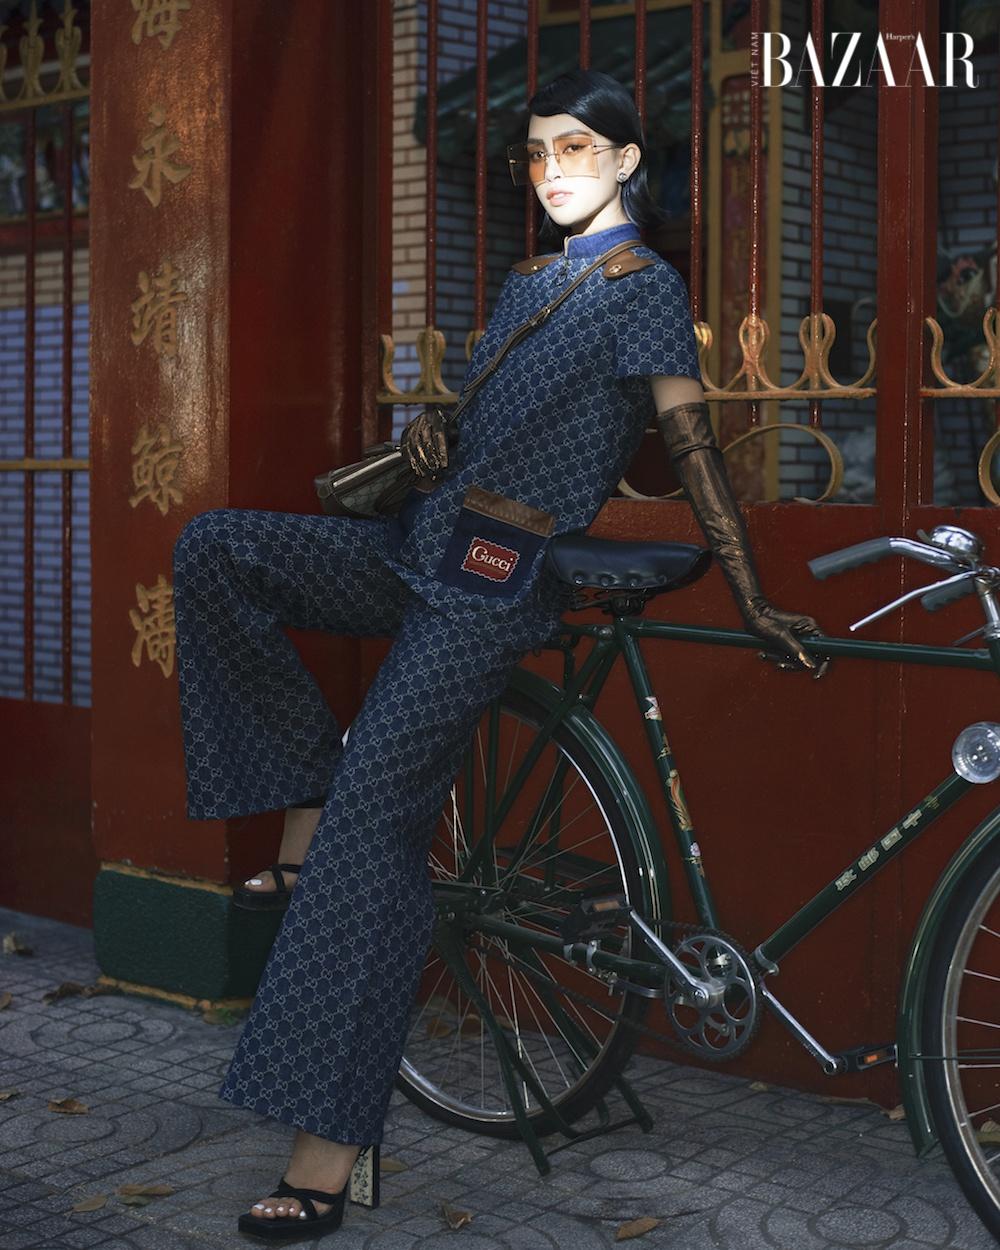 Hoa hậu Tiểu Vy chơi Tết với trang phục Gucci đậm chất retro